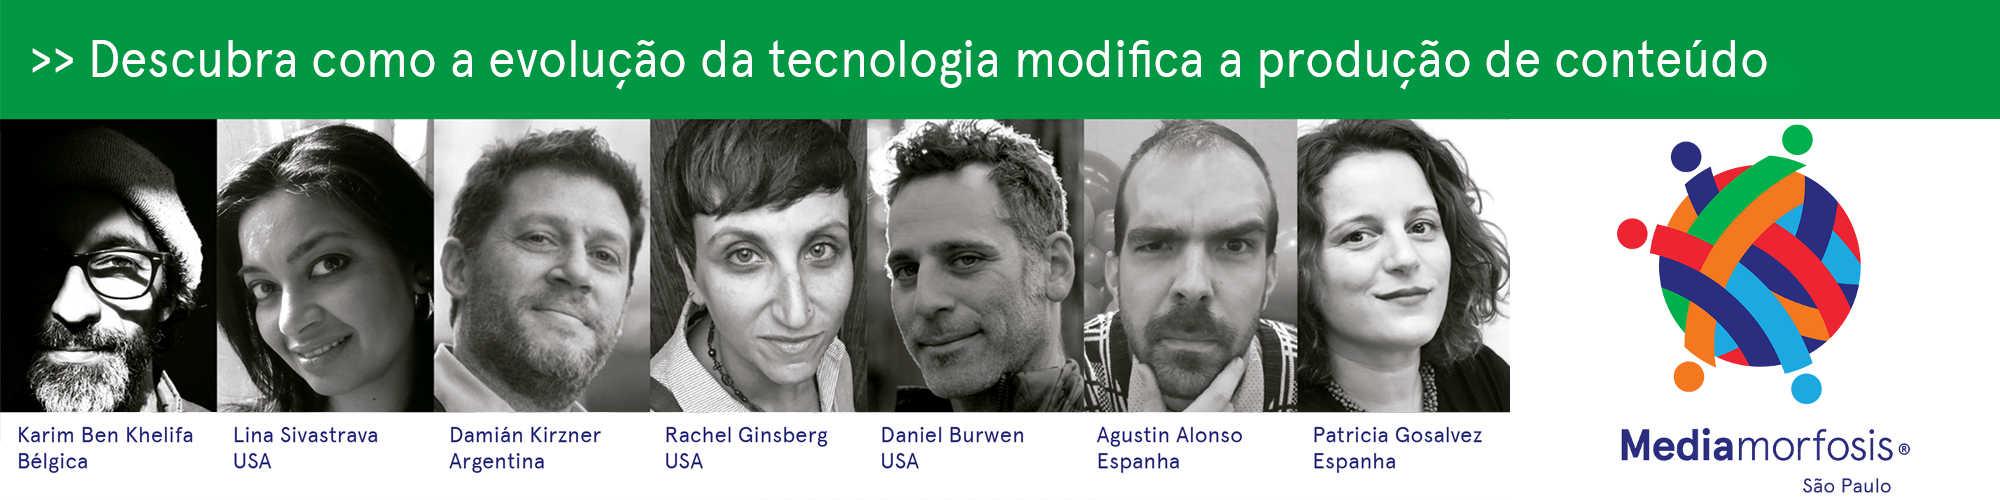 Mediamorfosis São Paulo 2018 reúne 7 especialistas; inscrições seguem abertas